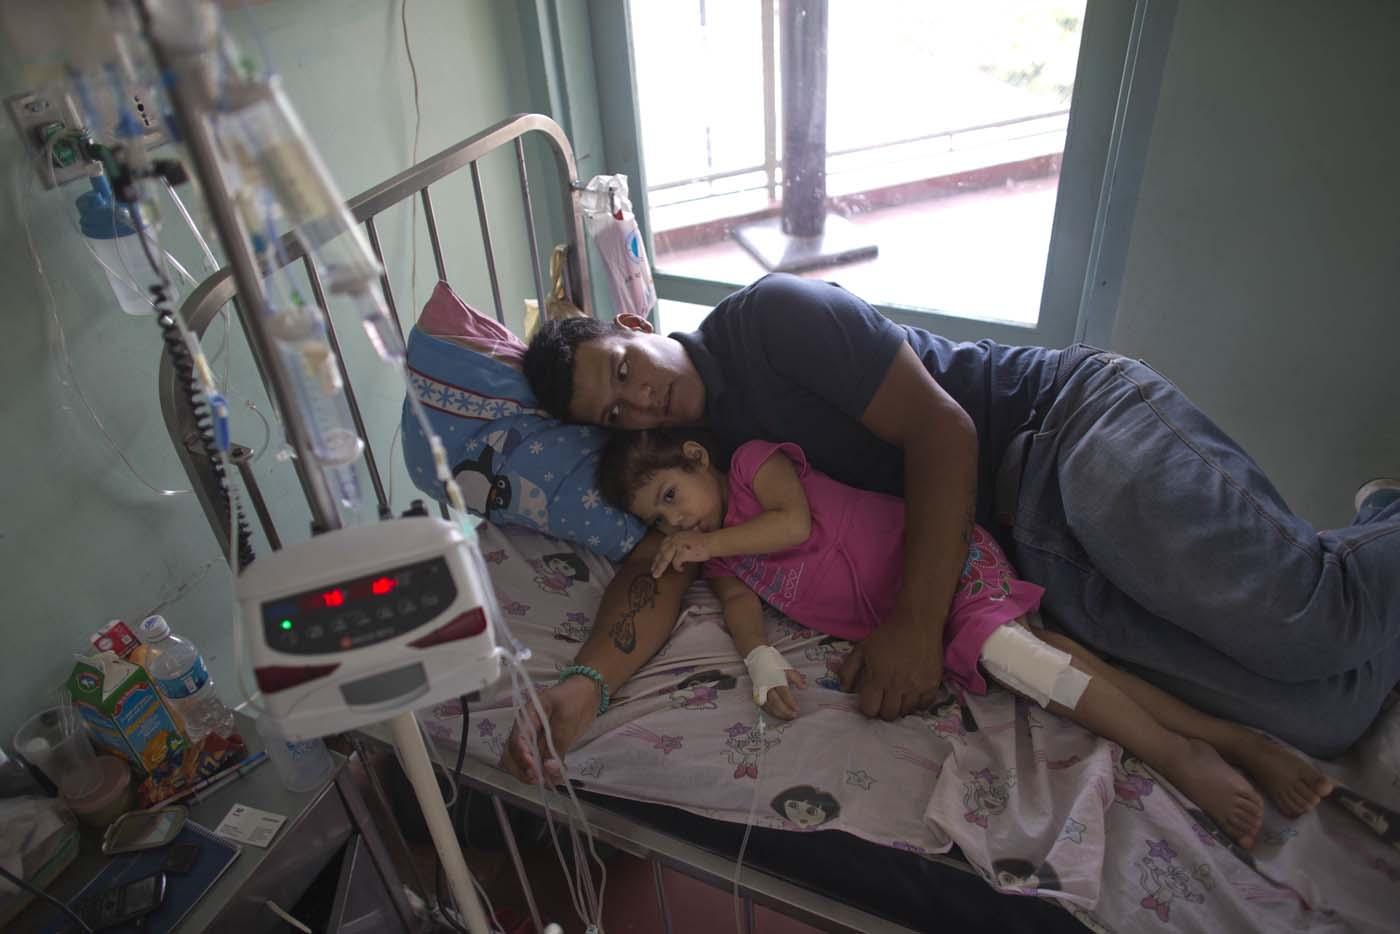 En esta imagen del 11 de agosto de 2016, Maykol Pacheco se acurruca con su hija Ashley en su cama de hospital, durante su estancia de dos meses en el Hospital Universitario de Caracas, en Venezuela. (AP Foto/Ariana Cubillos)